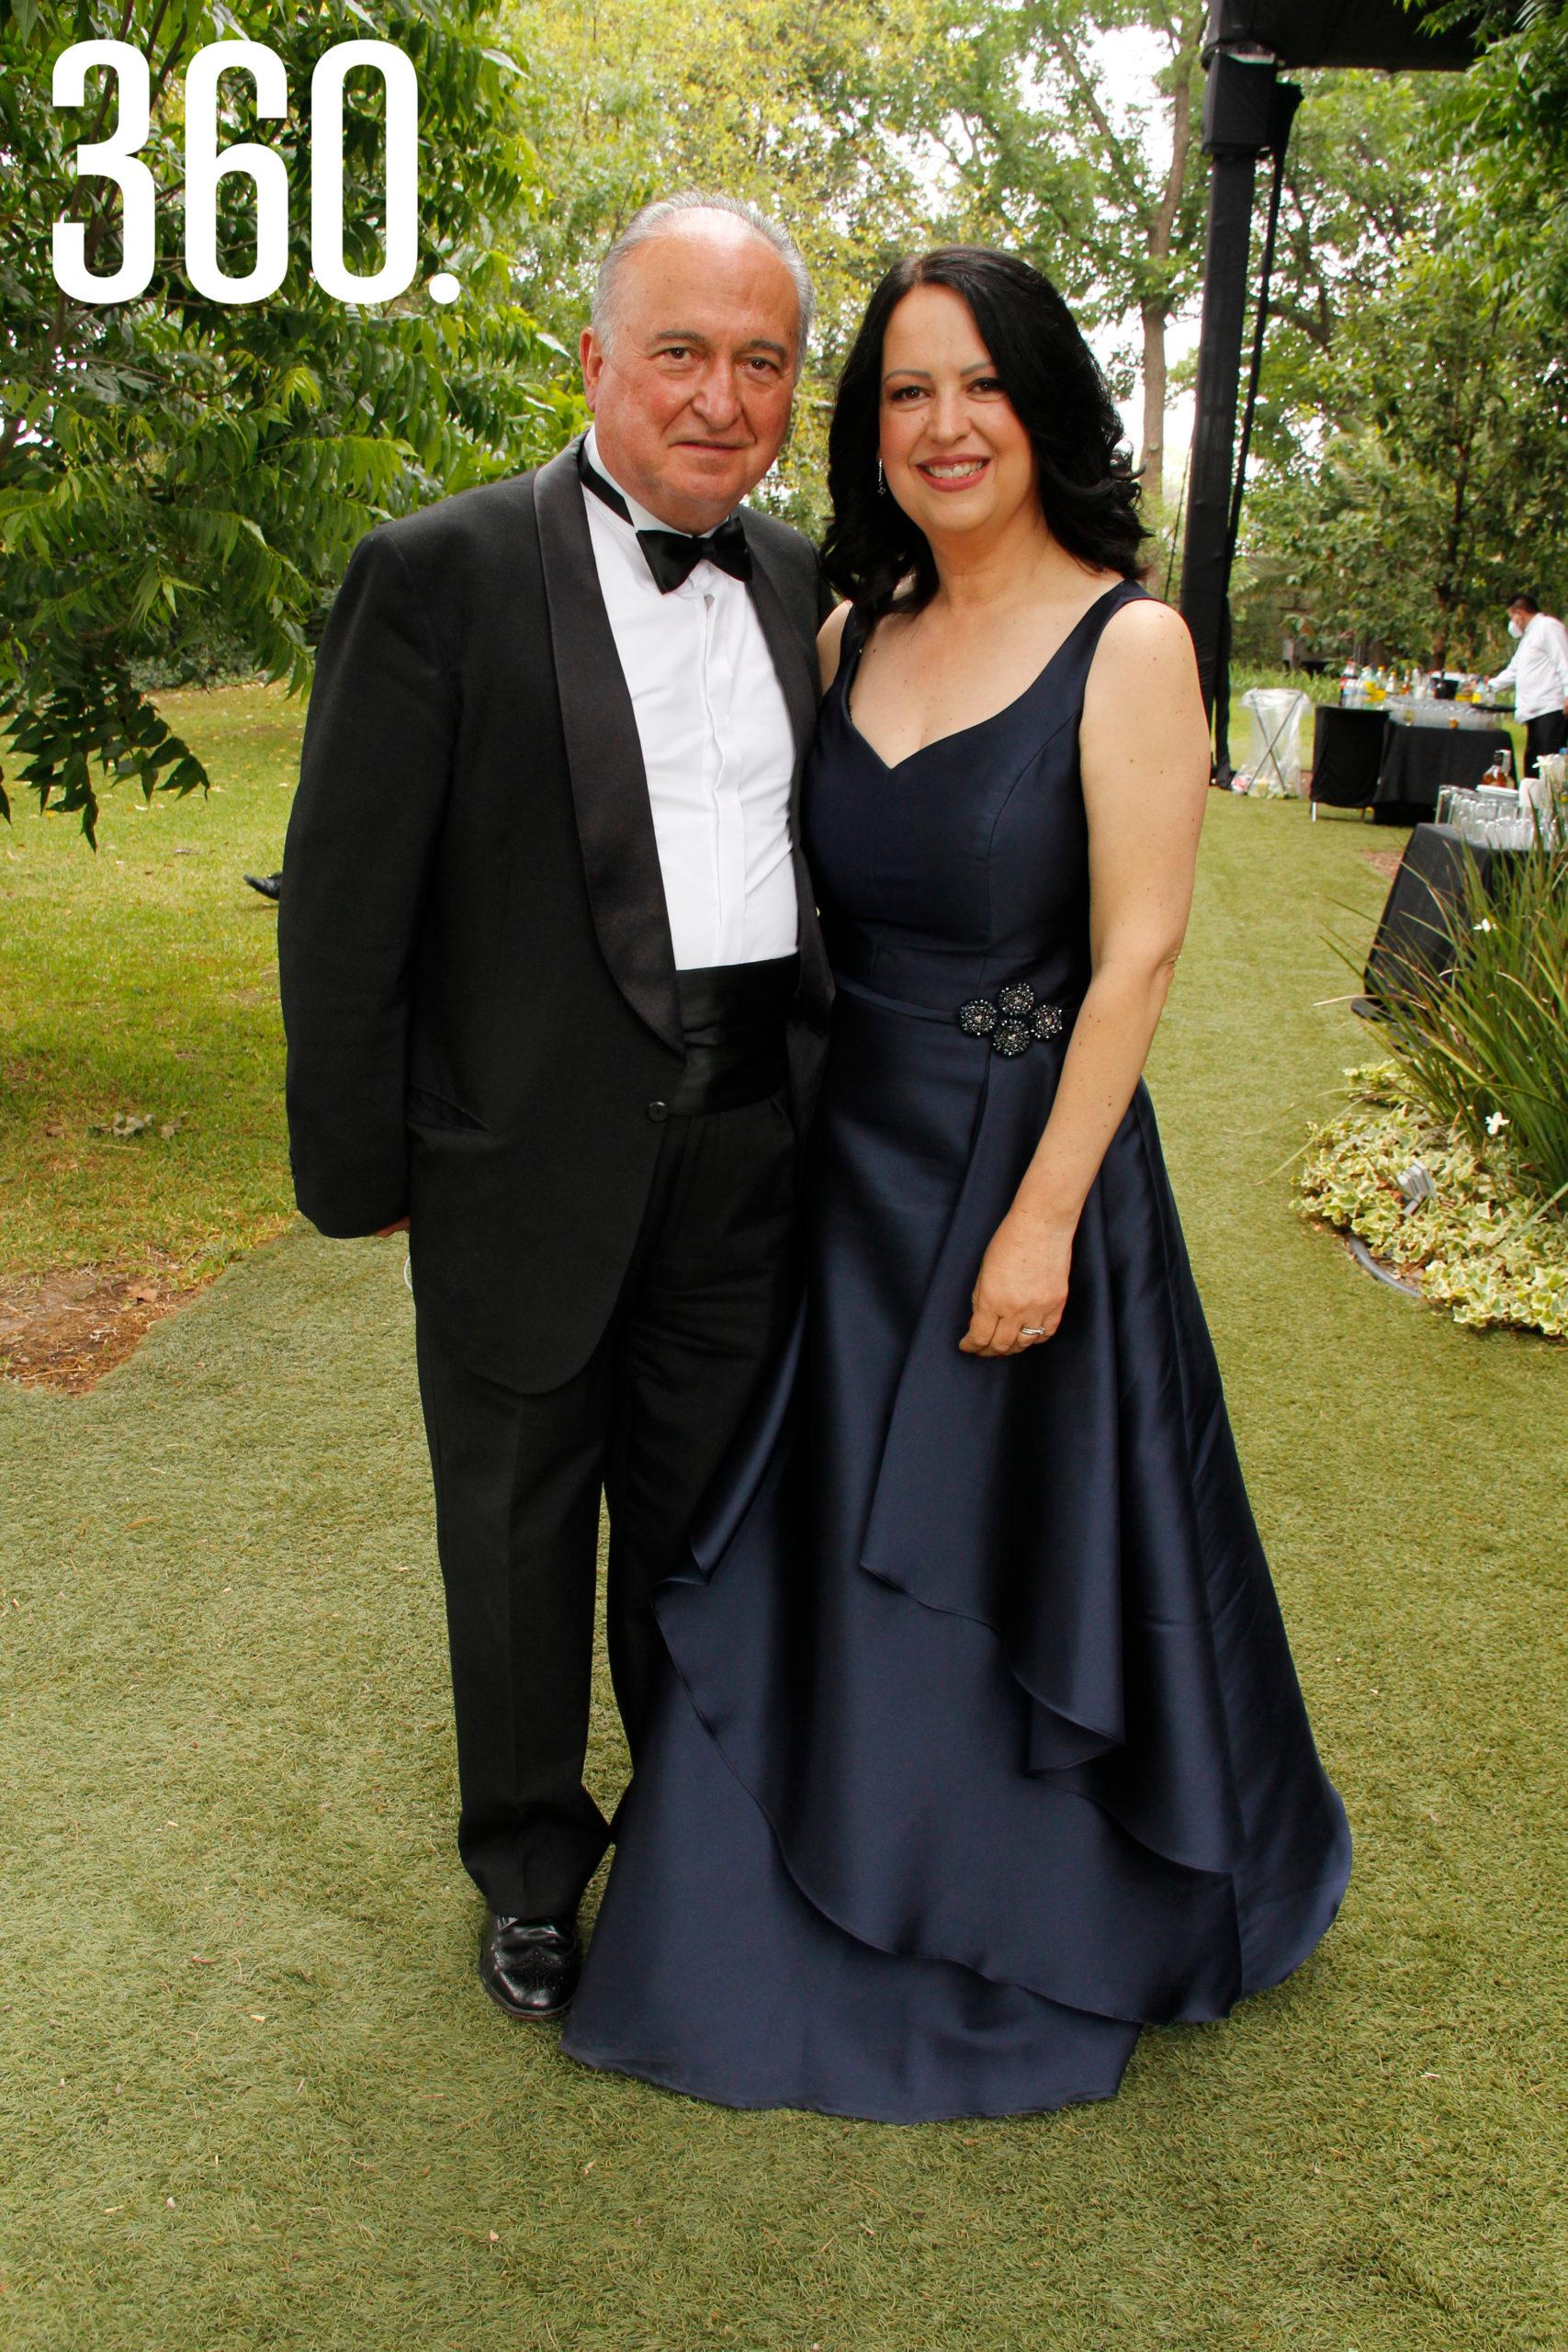 Abel Narro y Sofía Flores Mier, madre de la novia.